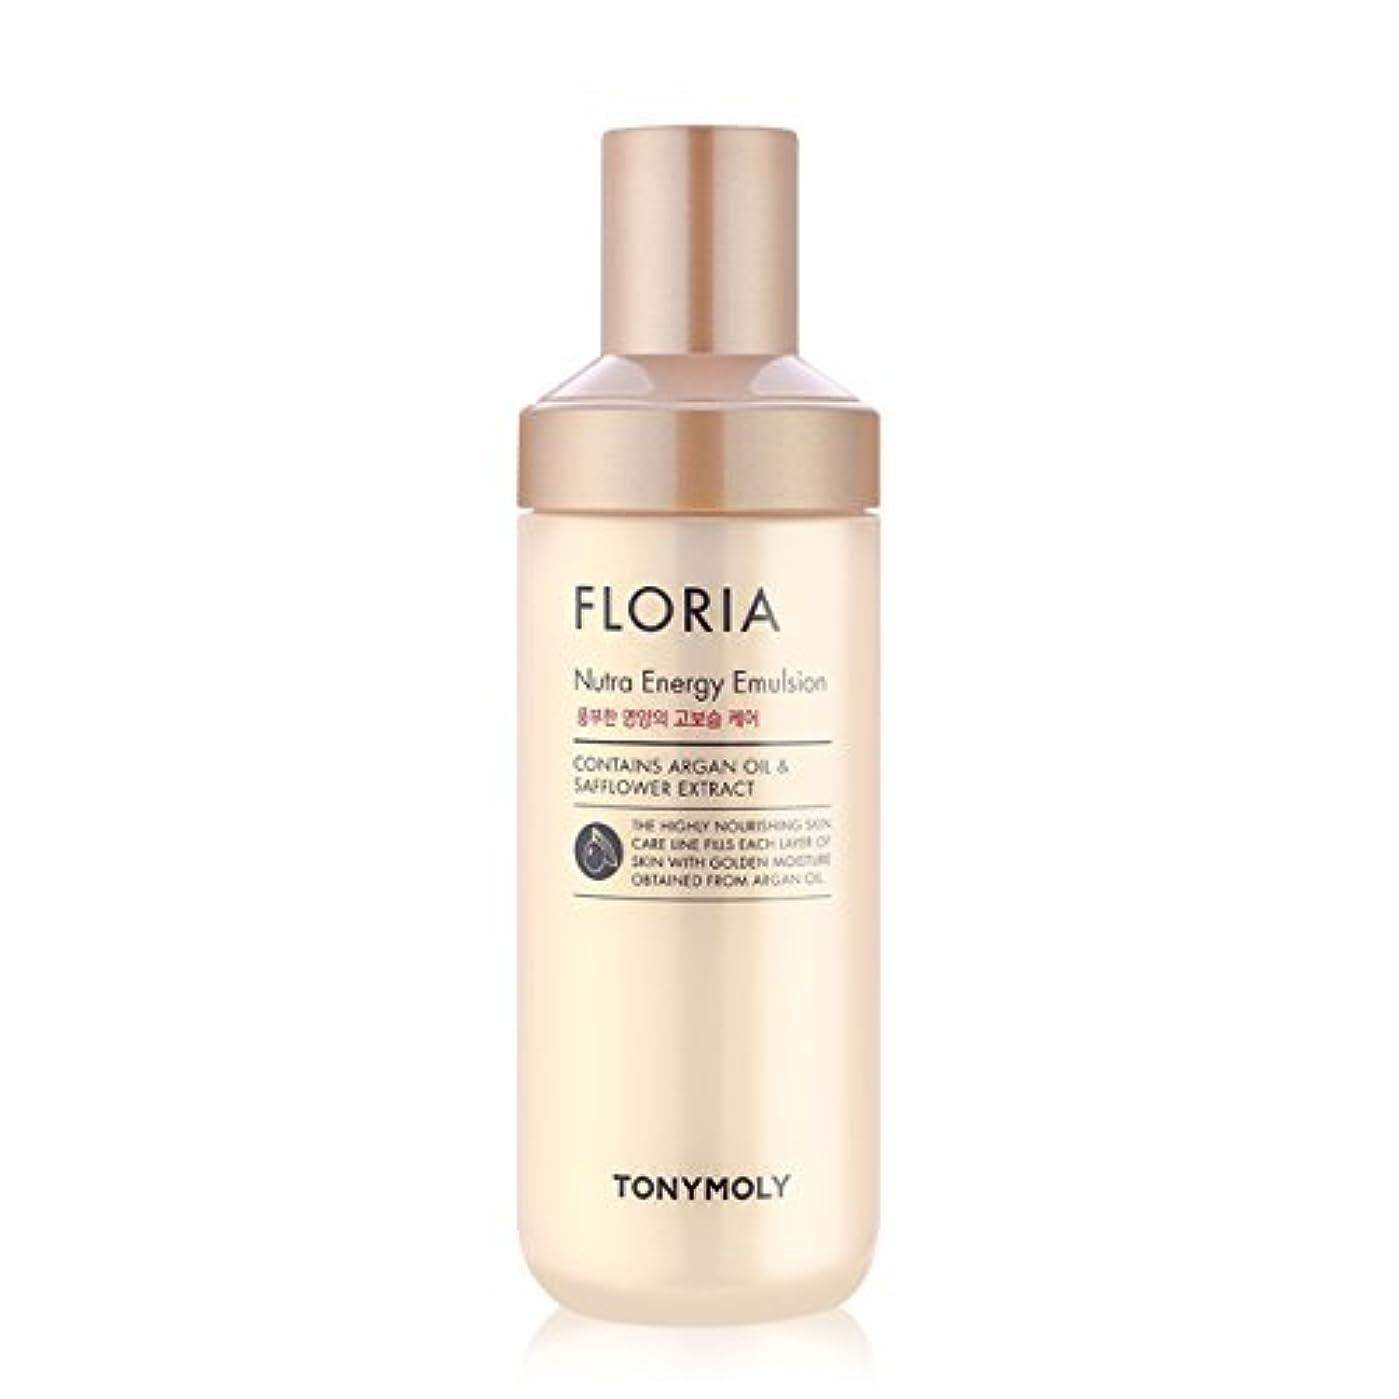 どっちでも合成馬力[2016 New] TONYMOLY Floria Nutra Energy Emulsion 160ml/トニーモリー フロリア ニュートラ エナジー エマルジョン 160ml [並行輸入品]